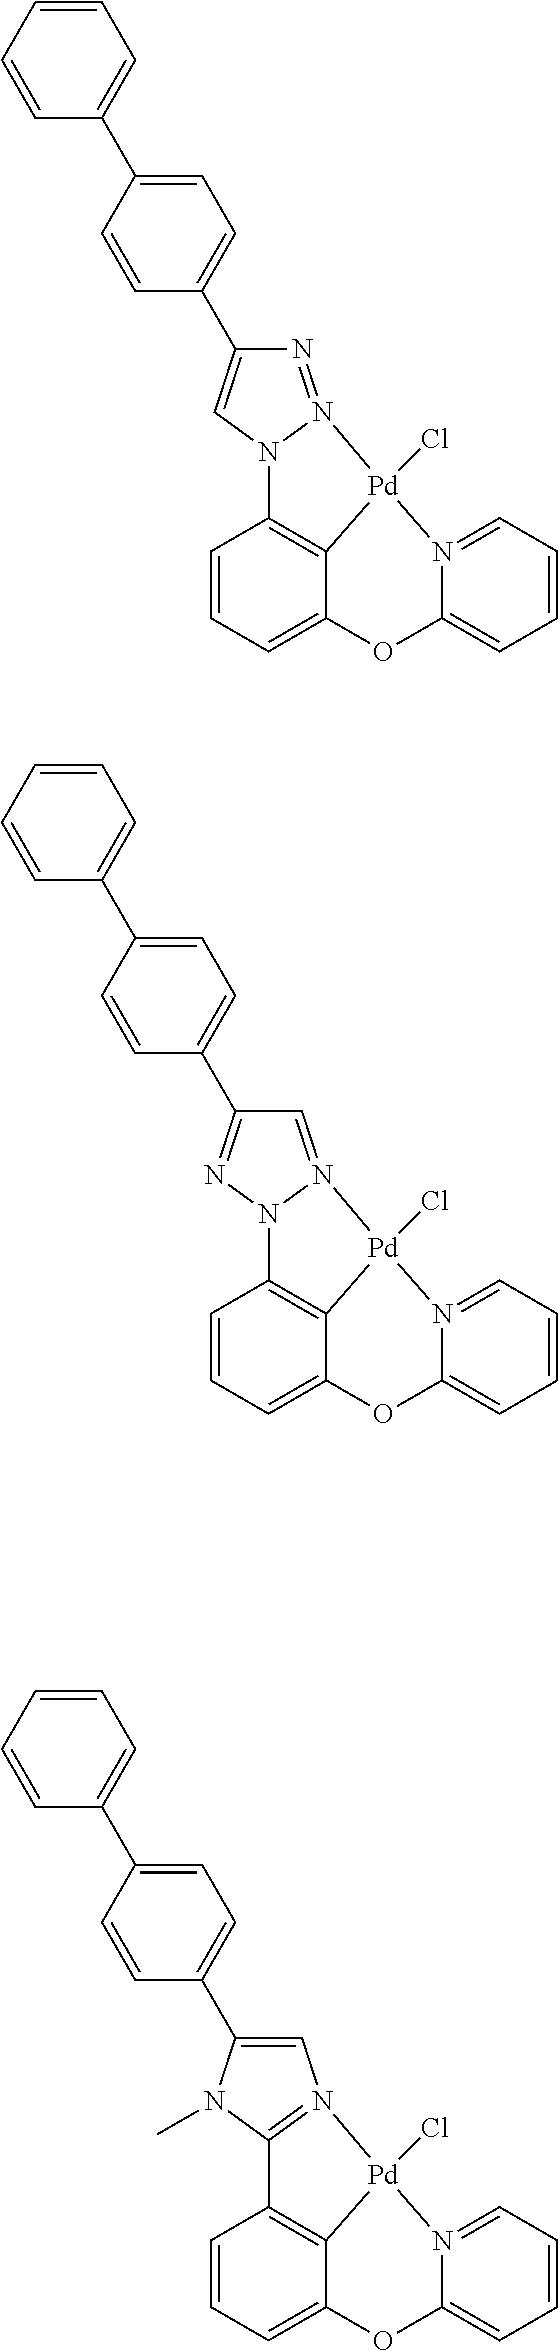 Figure US09818959-20171114-C00528